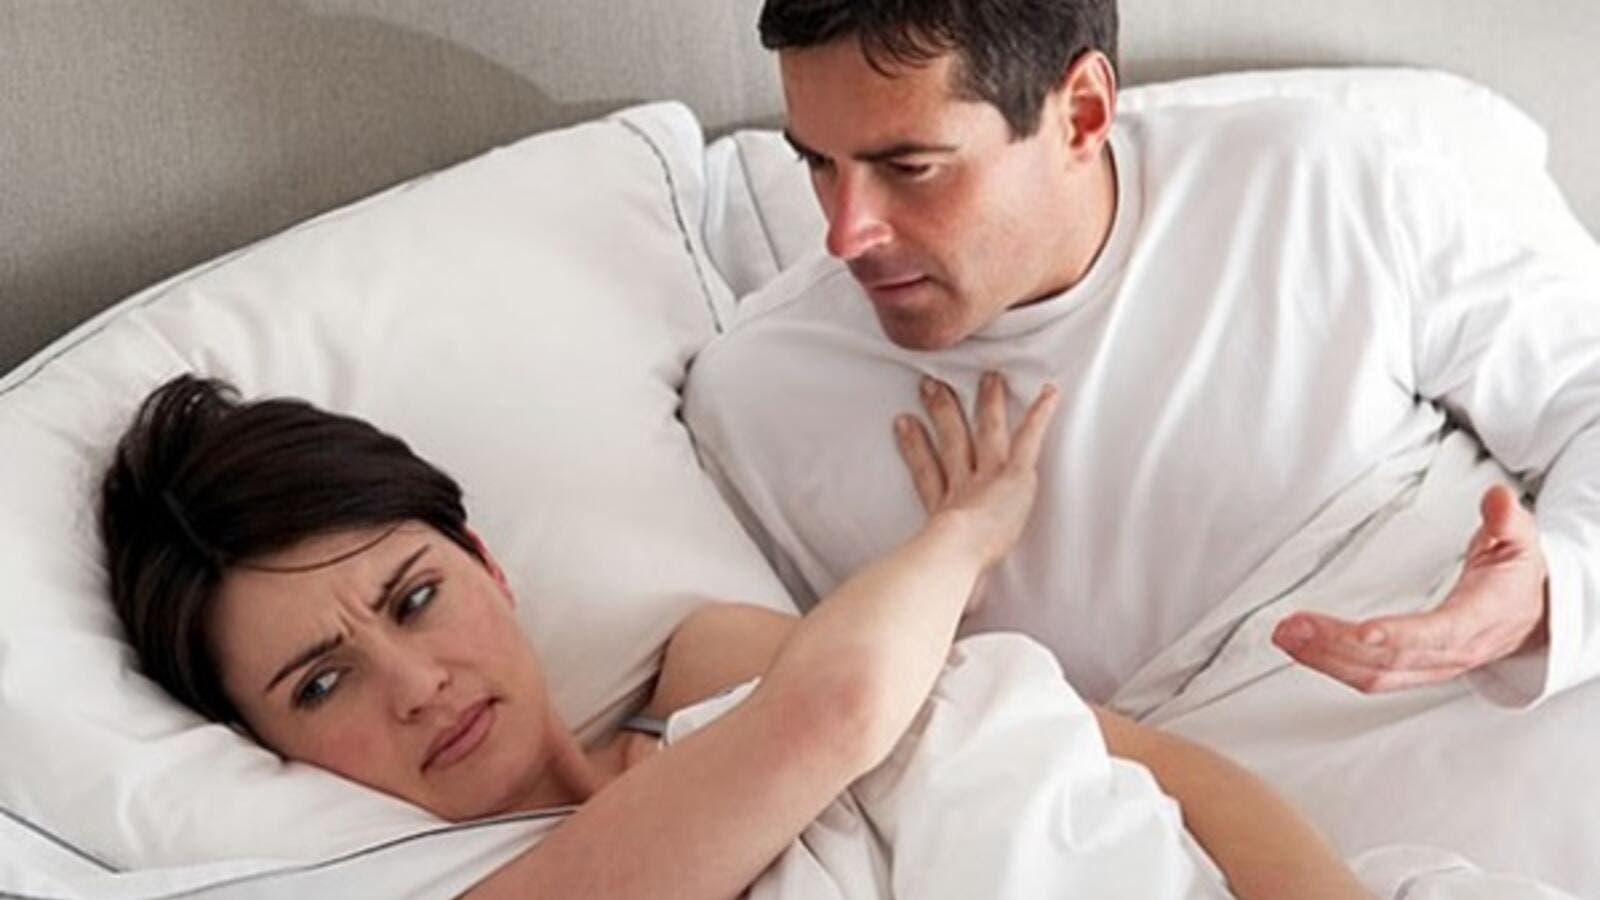 23b7274d1 3 أسباب لانعدام الدافع الجنسي عند المرأة | البوابة